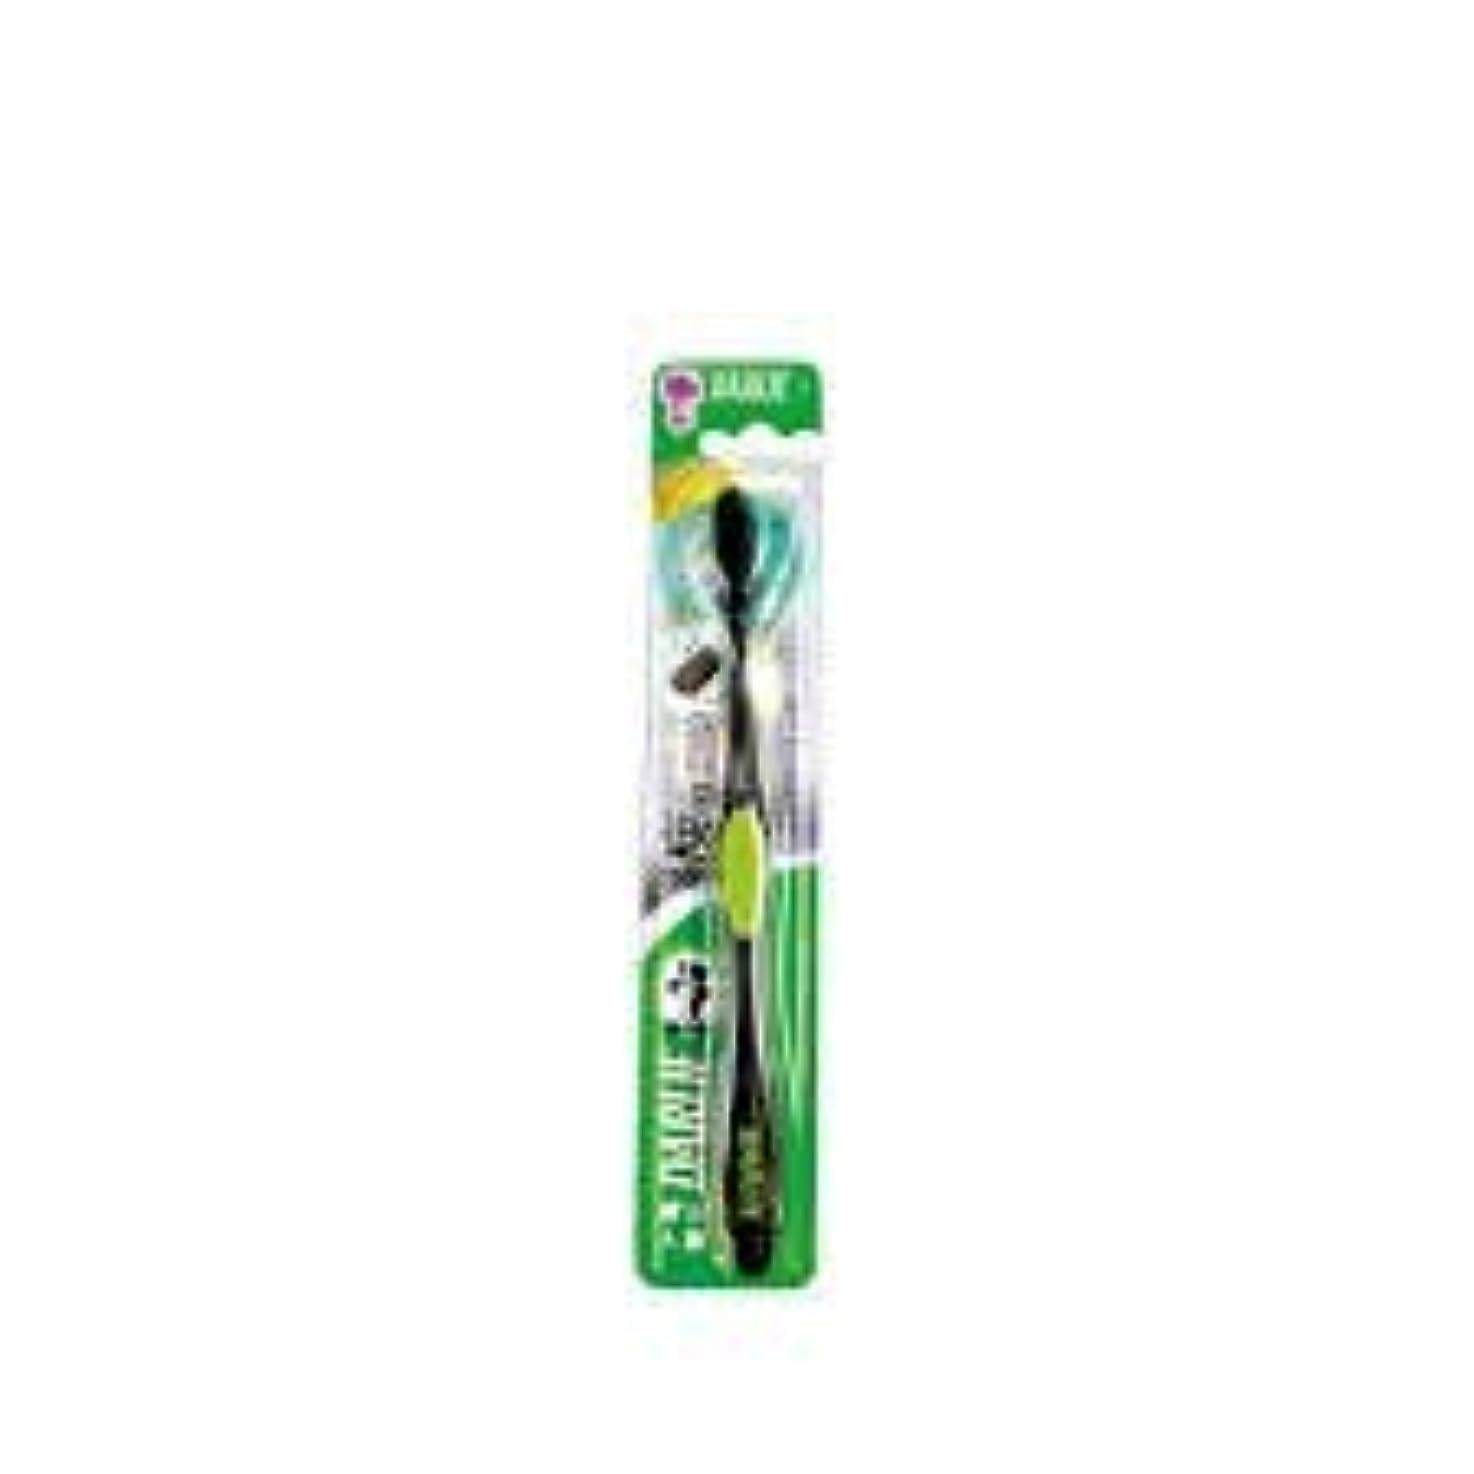 ホットそう行政DARLIE チャコールブラック歯磨き粉歯ブラシのクリーニングはテーパ1S-口臭を防止するために、活性炭粒子で強化毛。